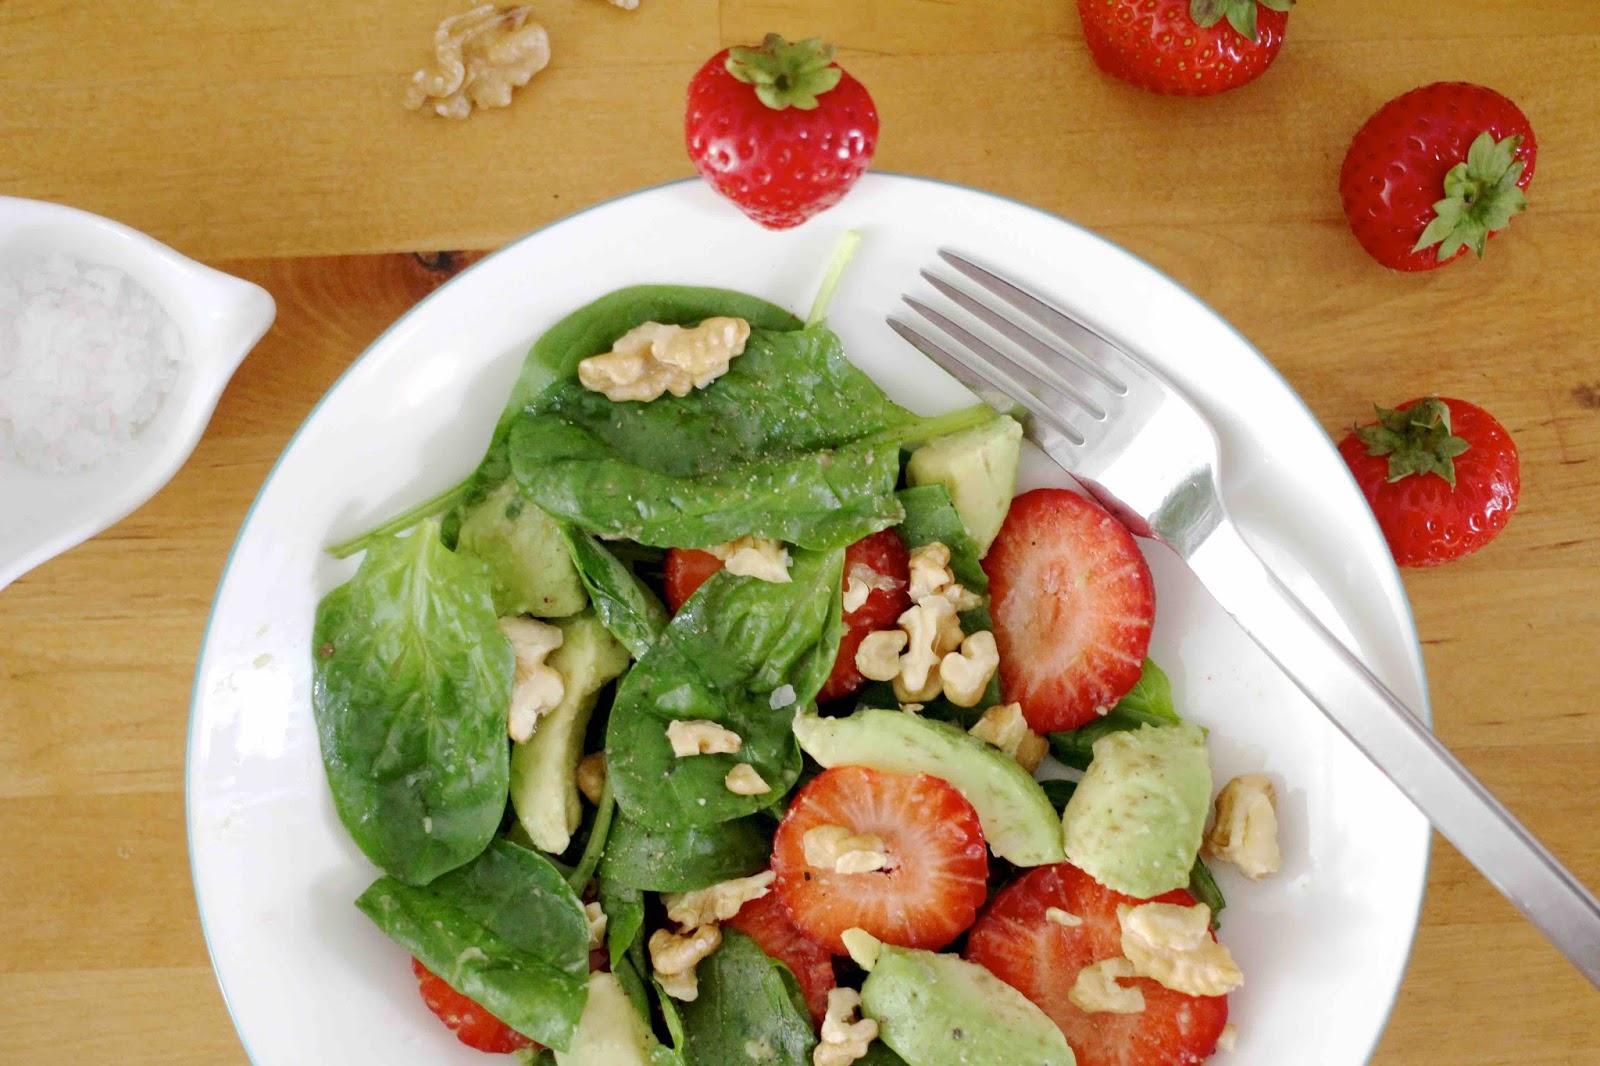 Spinatsalat mit Erdbeeren, Avocados und Nüssen